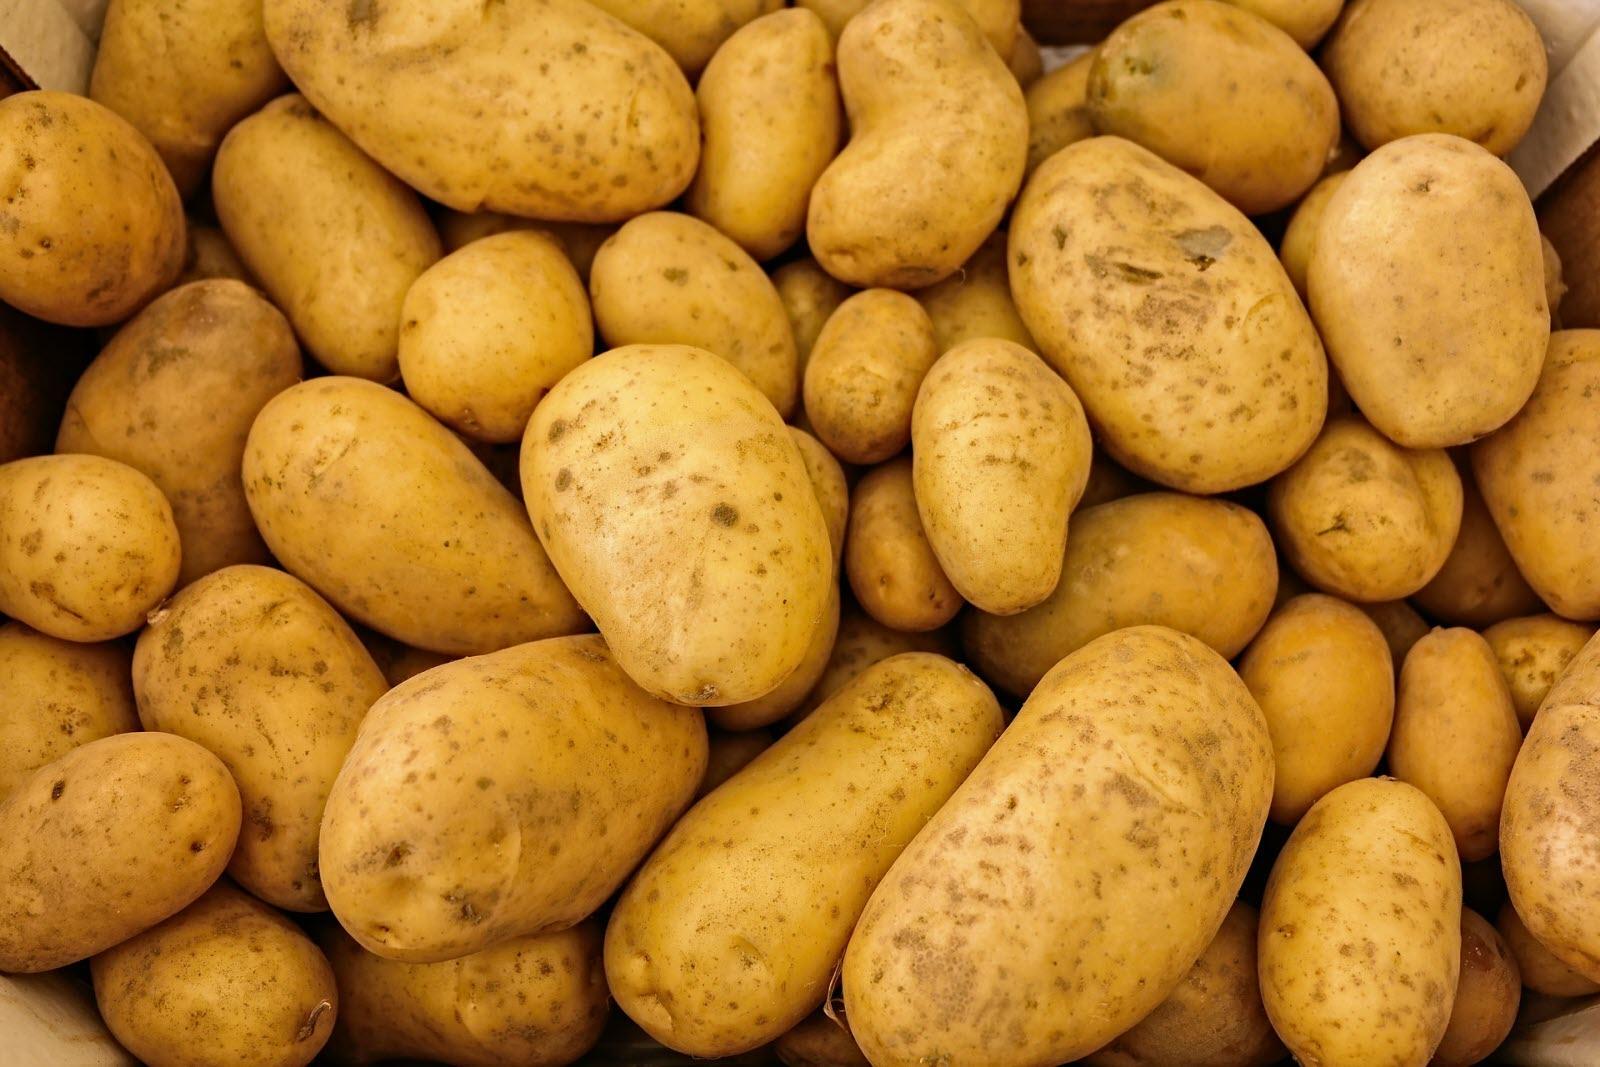 Les exportation de pommes de terre marocaines ont chuté